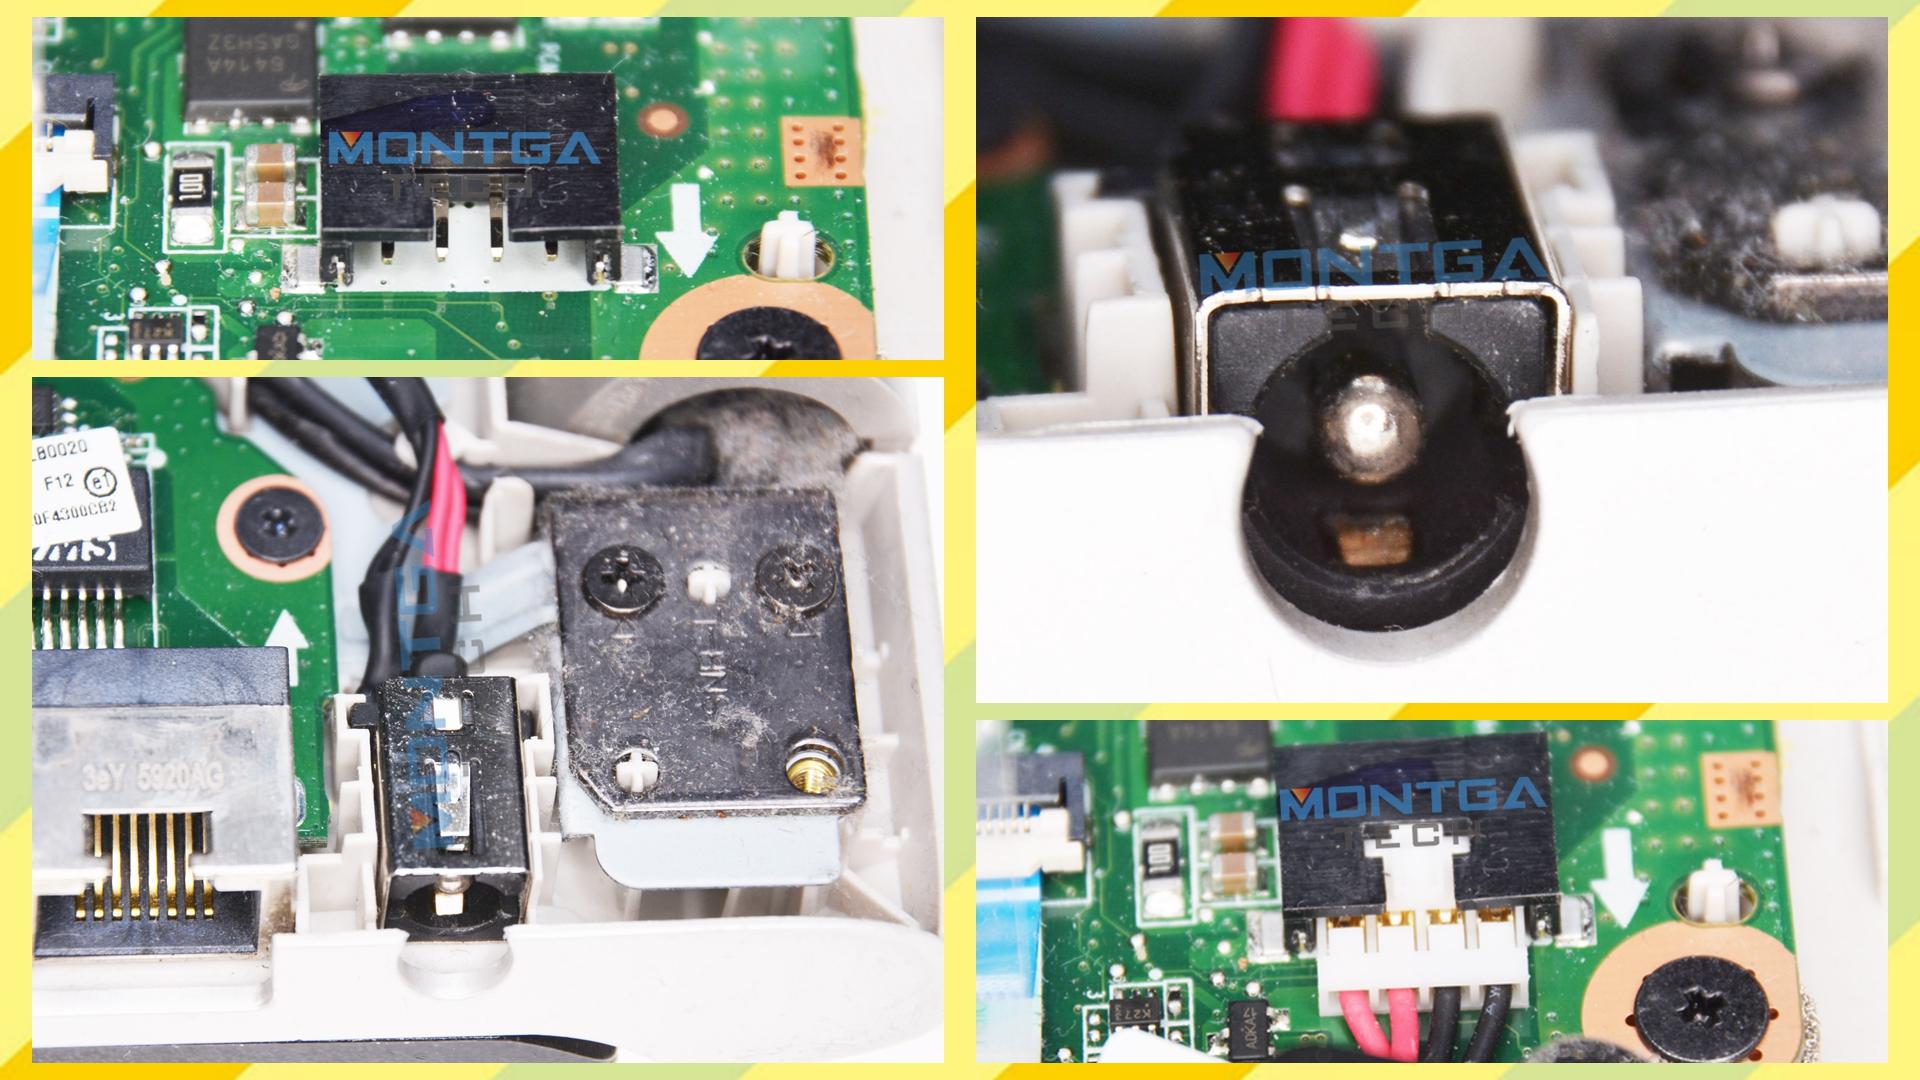 repair charging connector Toshiba L50-B-11Z, repair DC Power Jack Toshiba L50-B-11Z, repair DC IN Cable Toshiba L50-B-11Z, repair Jack socket Toshiba L50-B-11Z, repair plug Toshiba L50-B-11Z, repair DC Alimantation Toshiba L50-B-11Z, replace charging connector Toshiba L50-B-11Z, replace DC Power Jack Toshiba L50-B-11Z, replace DC IN Cable Toshiba L50-B-11Z, replace Jack socket Toshiba L50-B-11Z, replace plug Toshiba L50-B-11Z, replace DC Alimantation Toshiba L50-B-11Z,